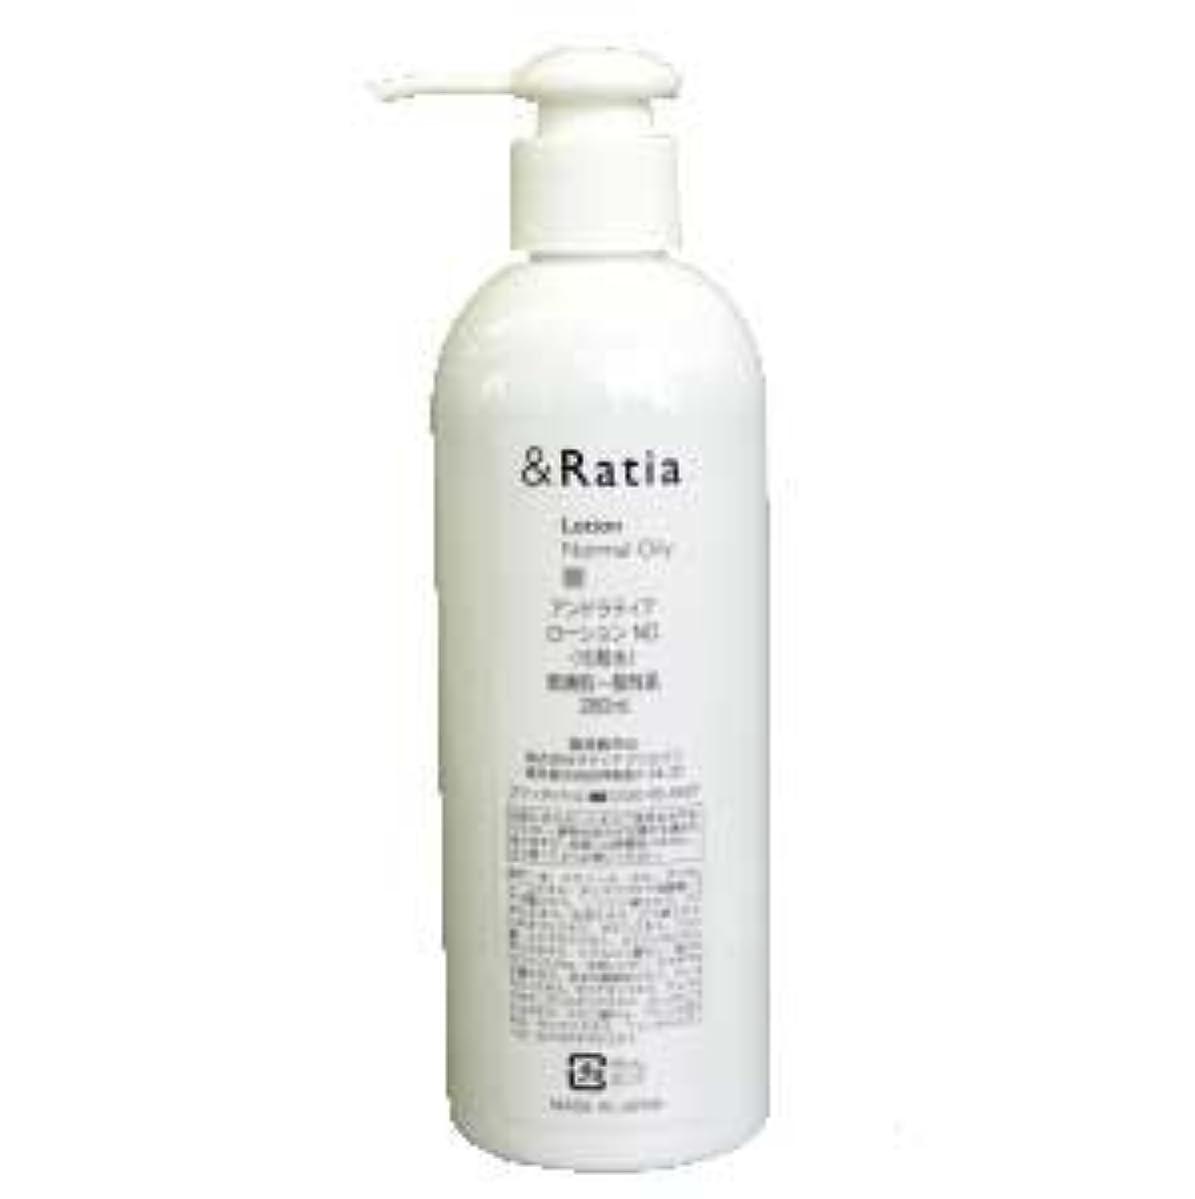 記者郡もちろん&Ratia アンドラティア  ローションNO【普通肌~脂性肌】業務用 ARSG011 280ml [cosme]